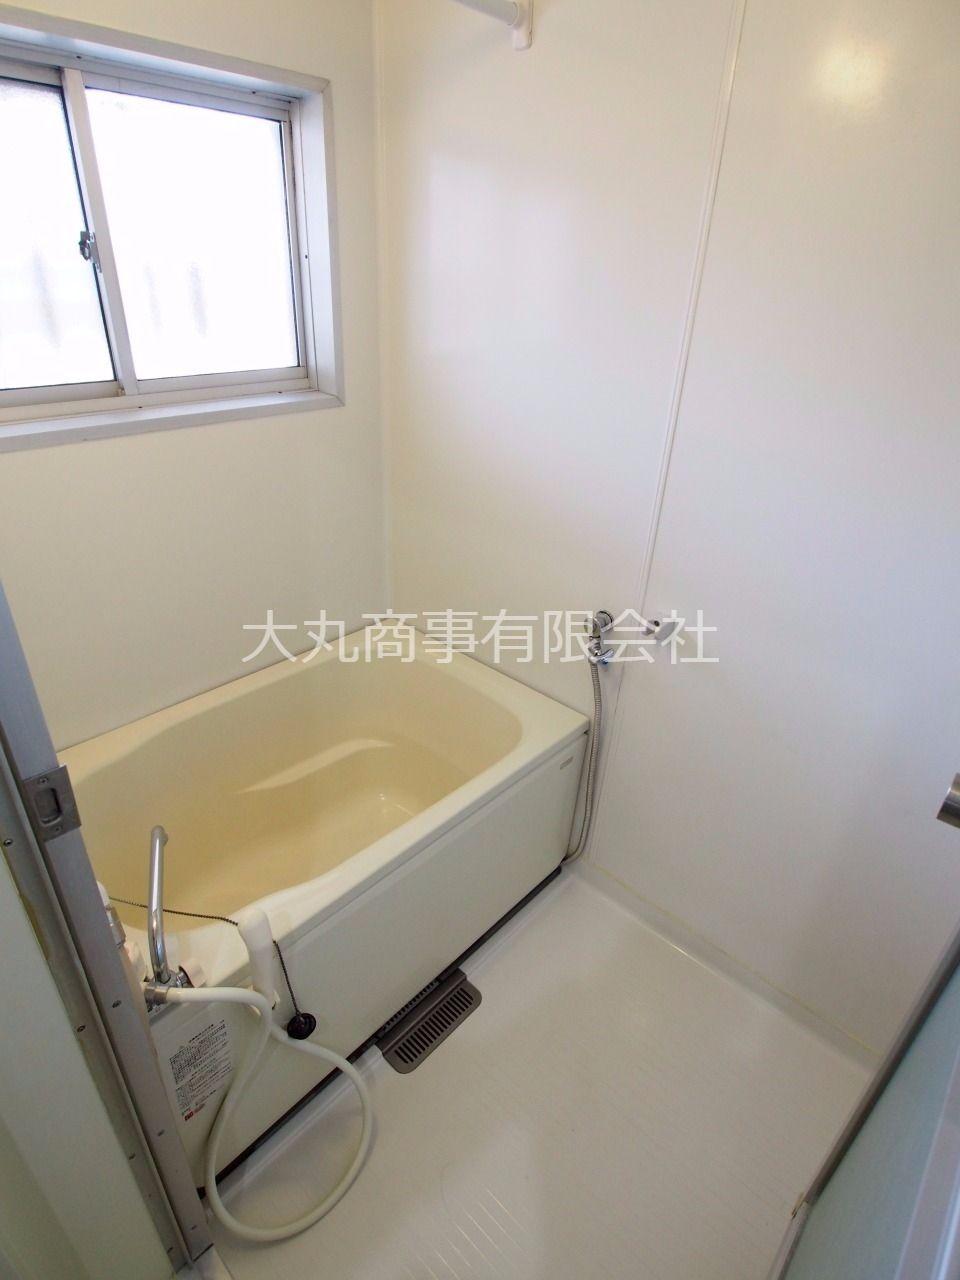 自動お湯張り・追焚き機能の付いた浴室